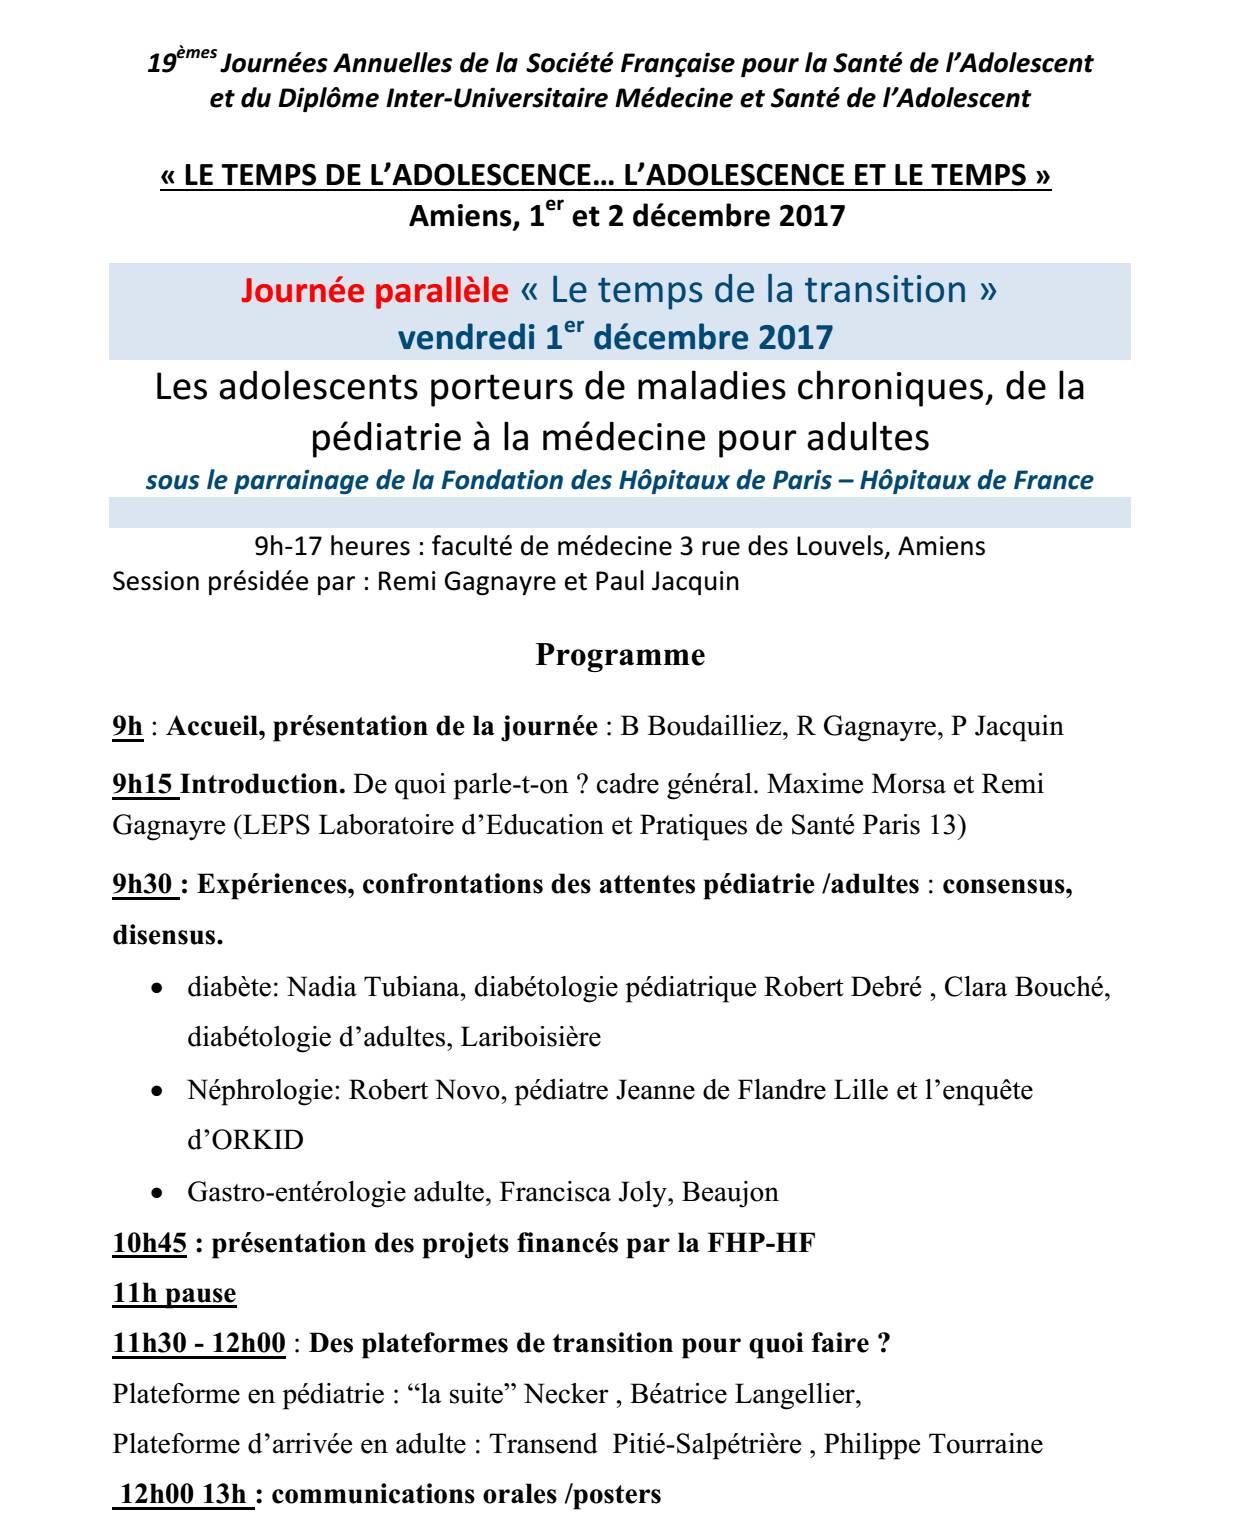 Journée transition Amiens 1 decembre 2017_1